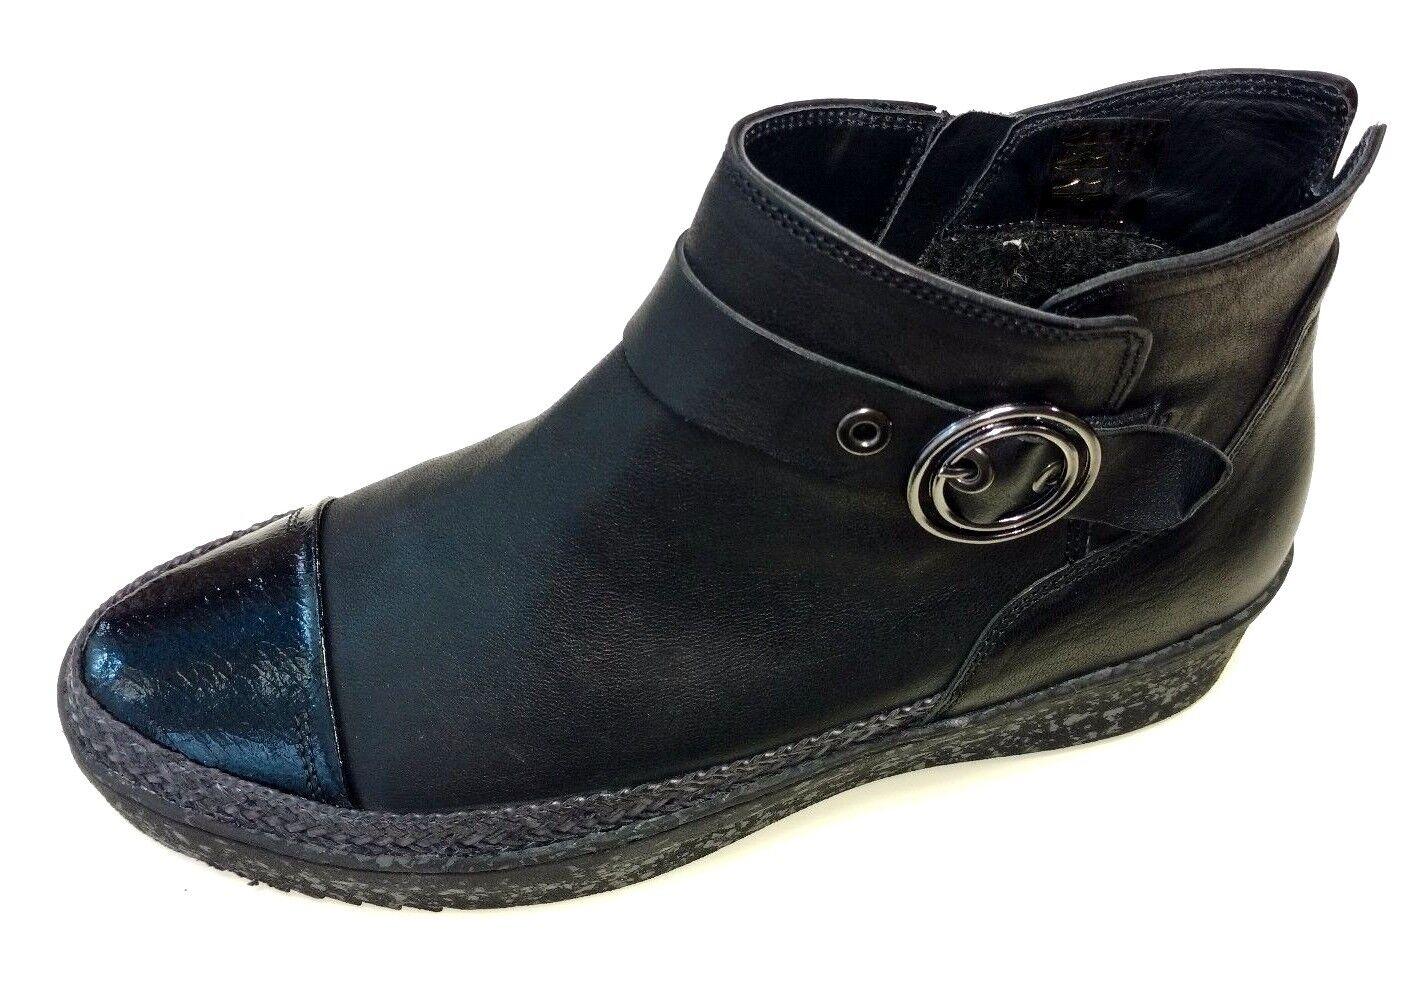 Softwaves Portugal Damen Schuhe Stiefel Stiefelette Stiefel 7.24.05 schwarz Leder